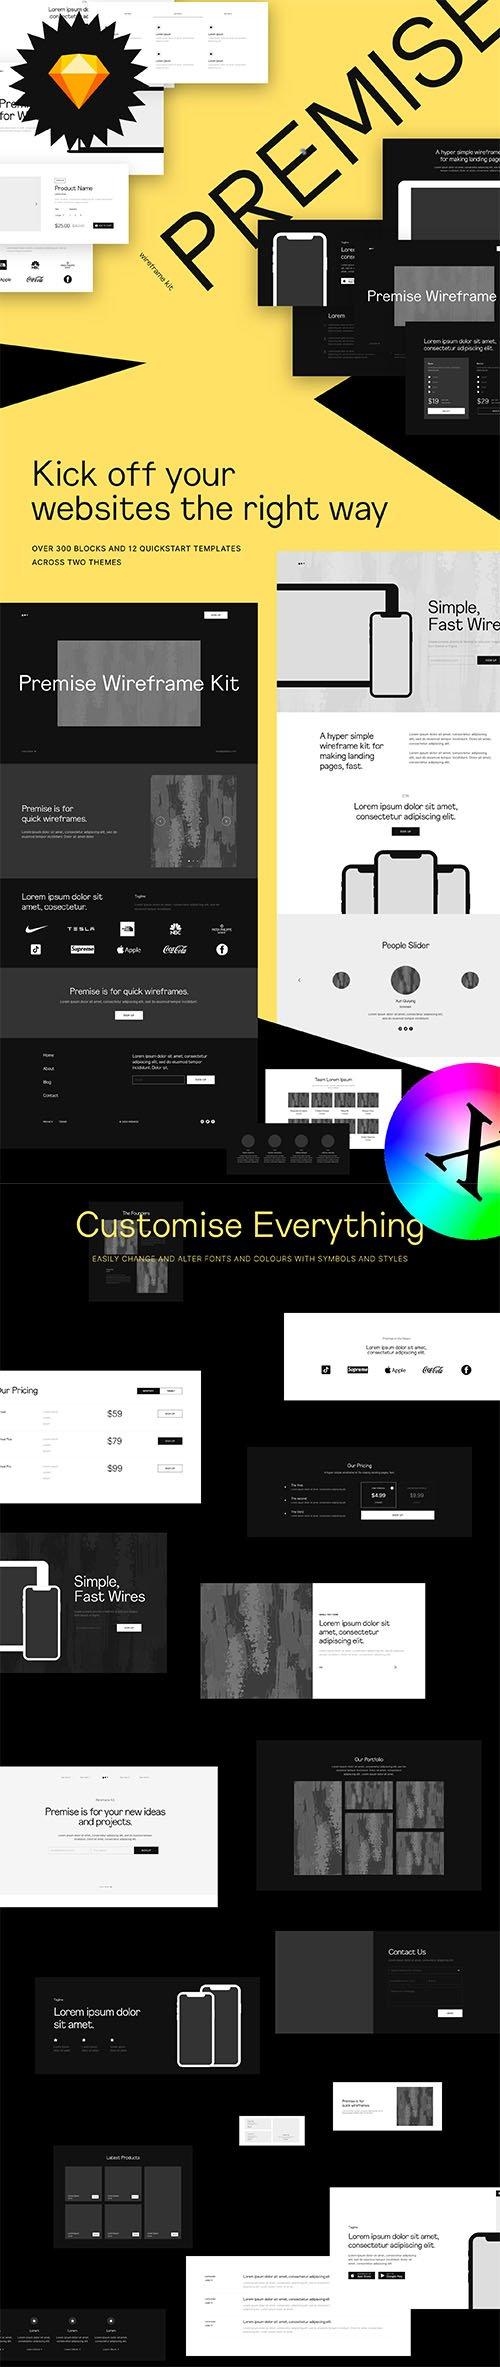 Premise - Website and Landing Page Wireframe Kit - Desktop